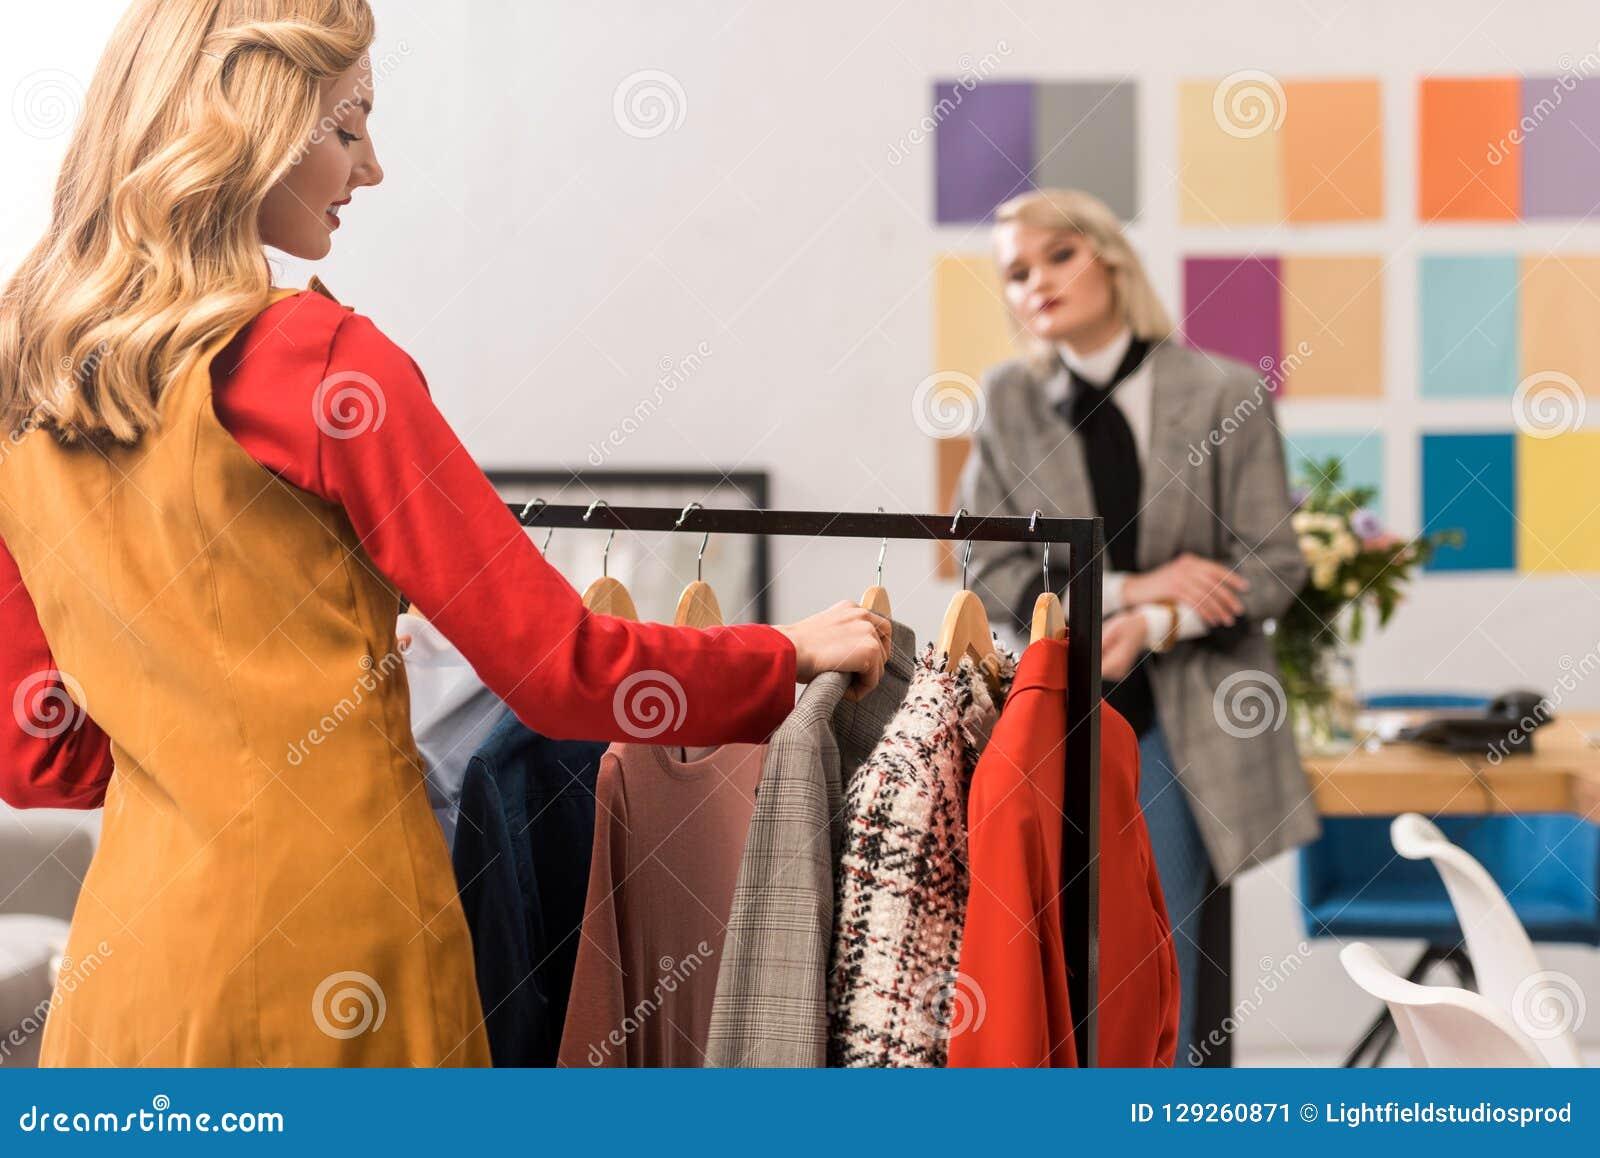 Desenhadores de moda que trabalham com roupa em moderno